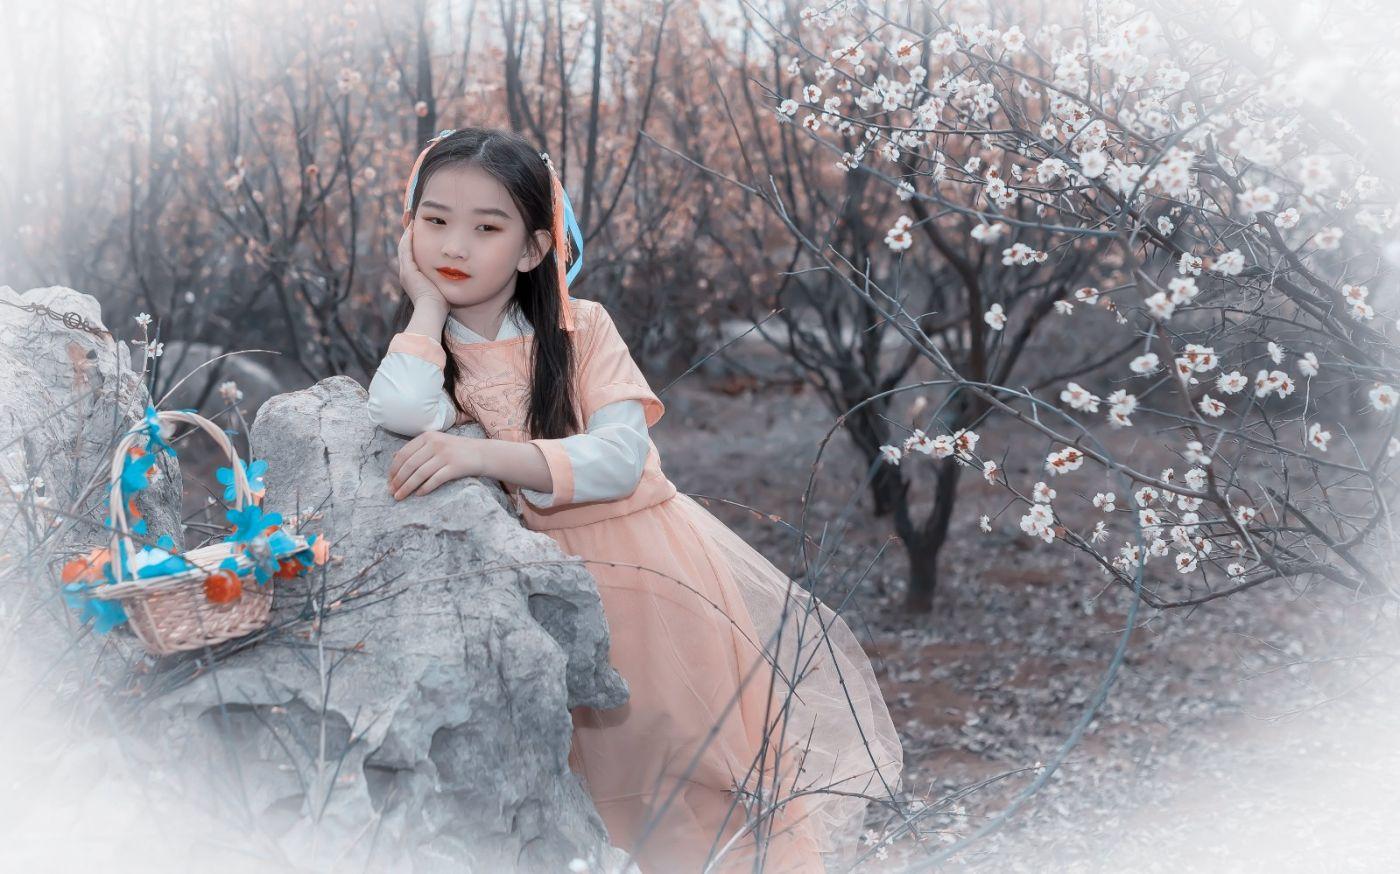 梅林馀妍不争春 小小仙女下凡尘 在费县拍摄小小仙女候依琳_图1-18